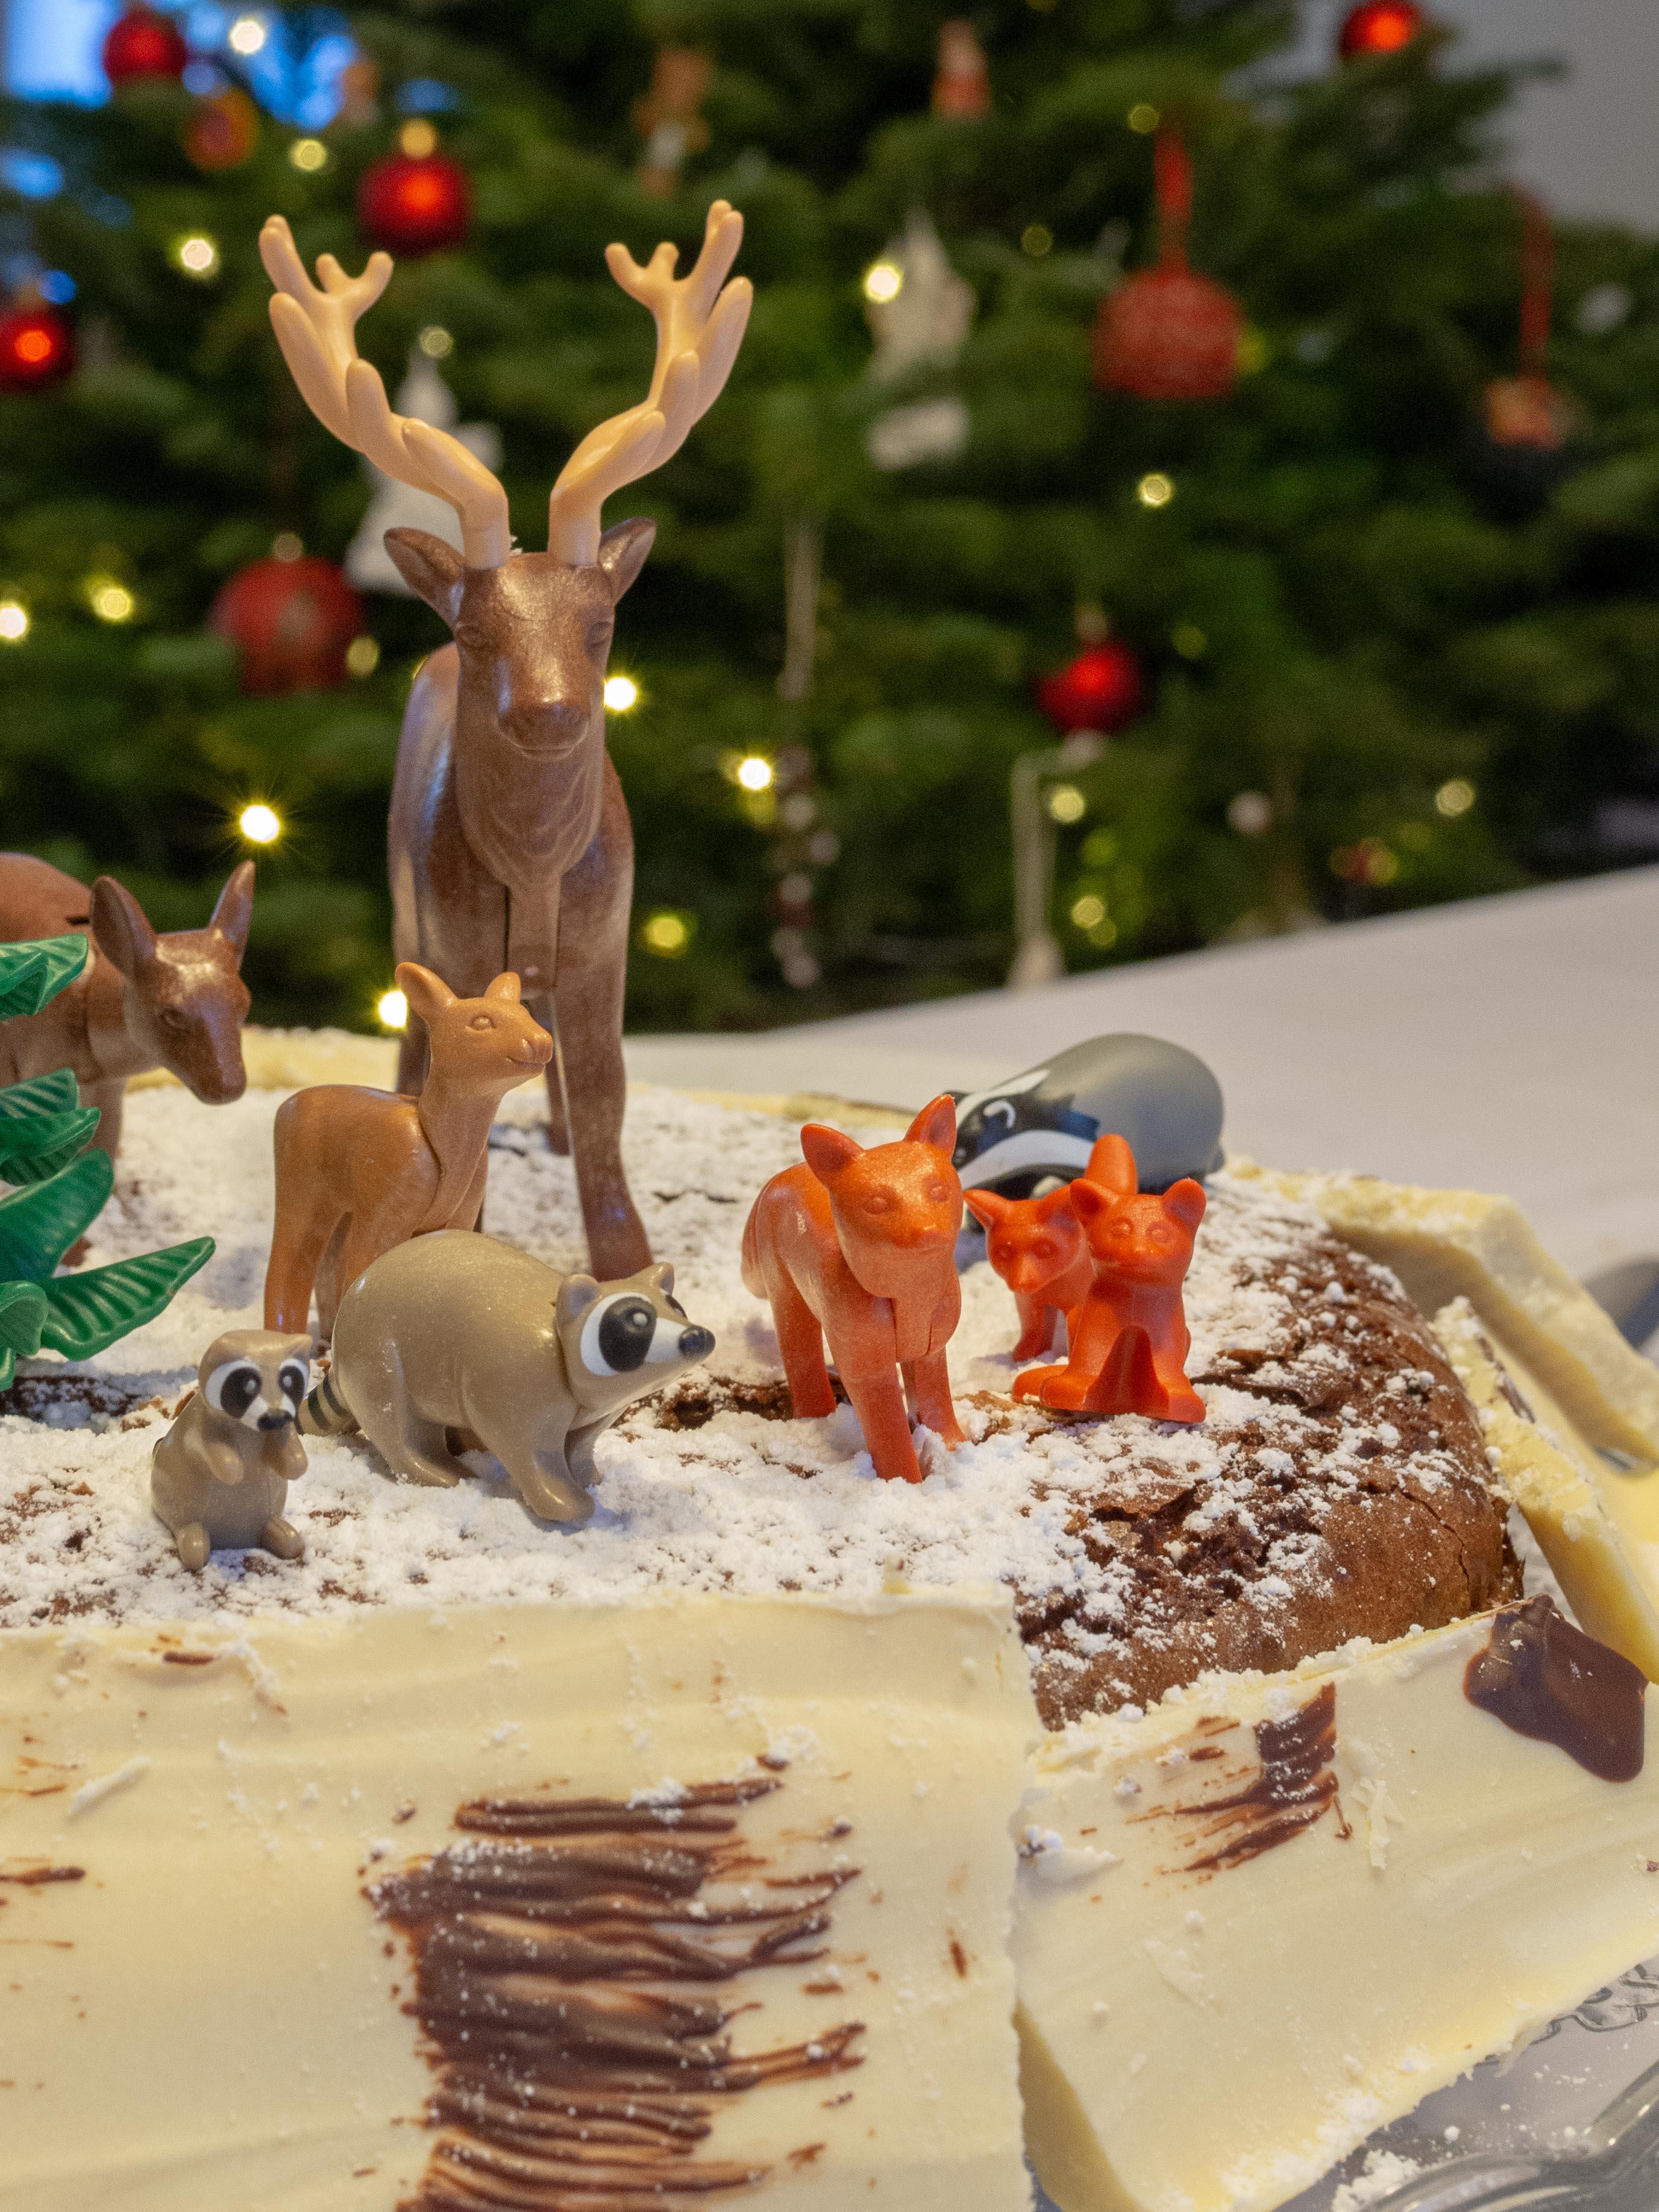 Gâteau au chocolat de Noël - Un Jour de Neige